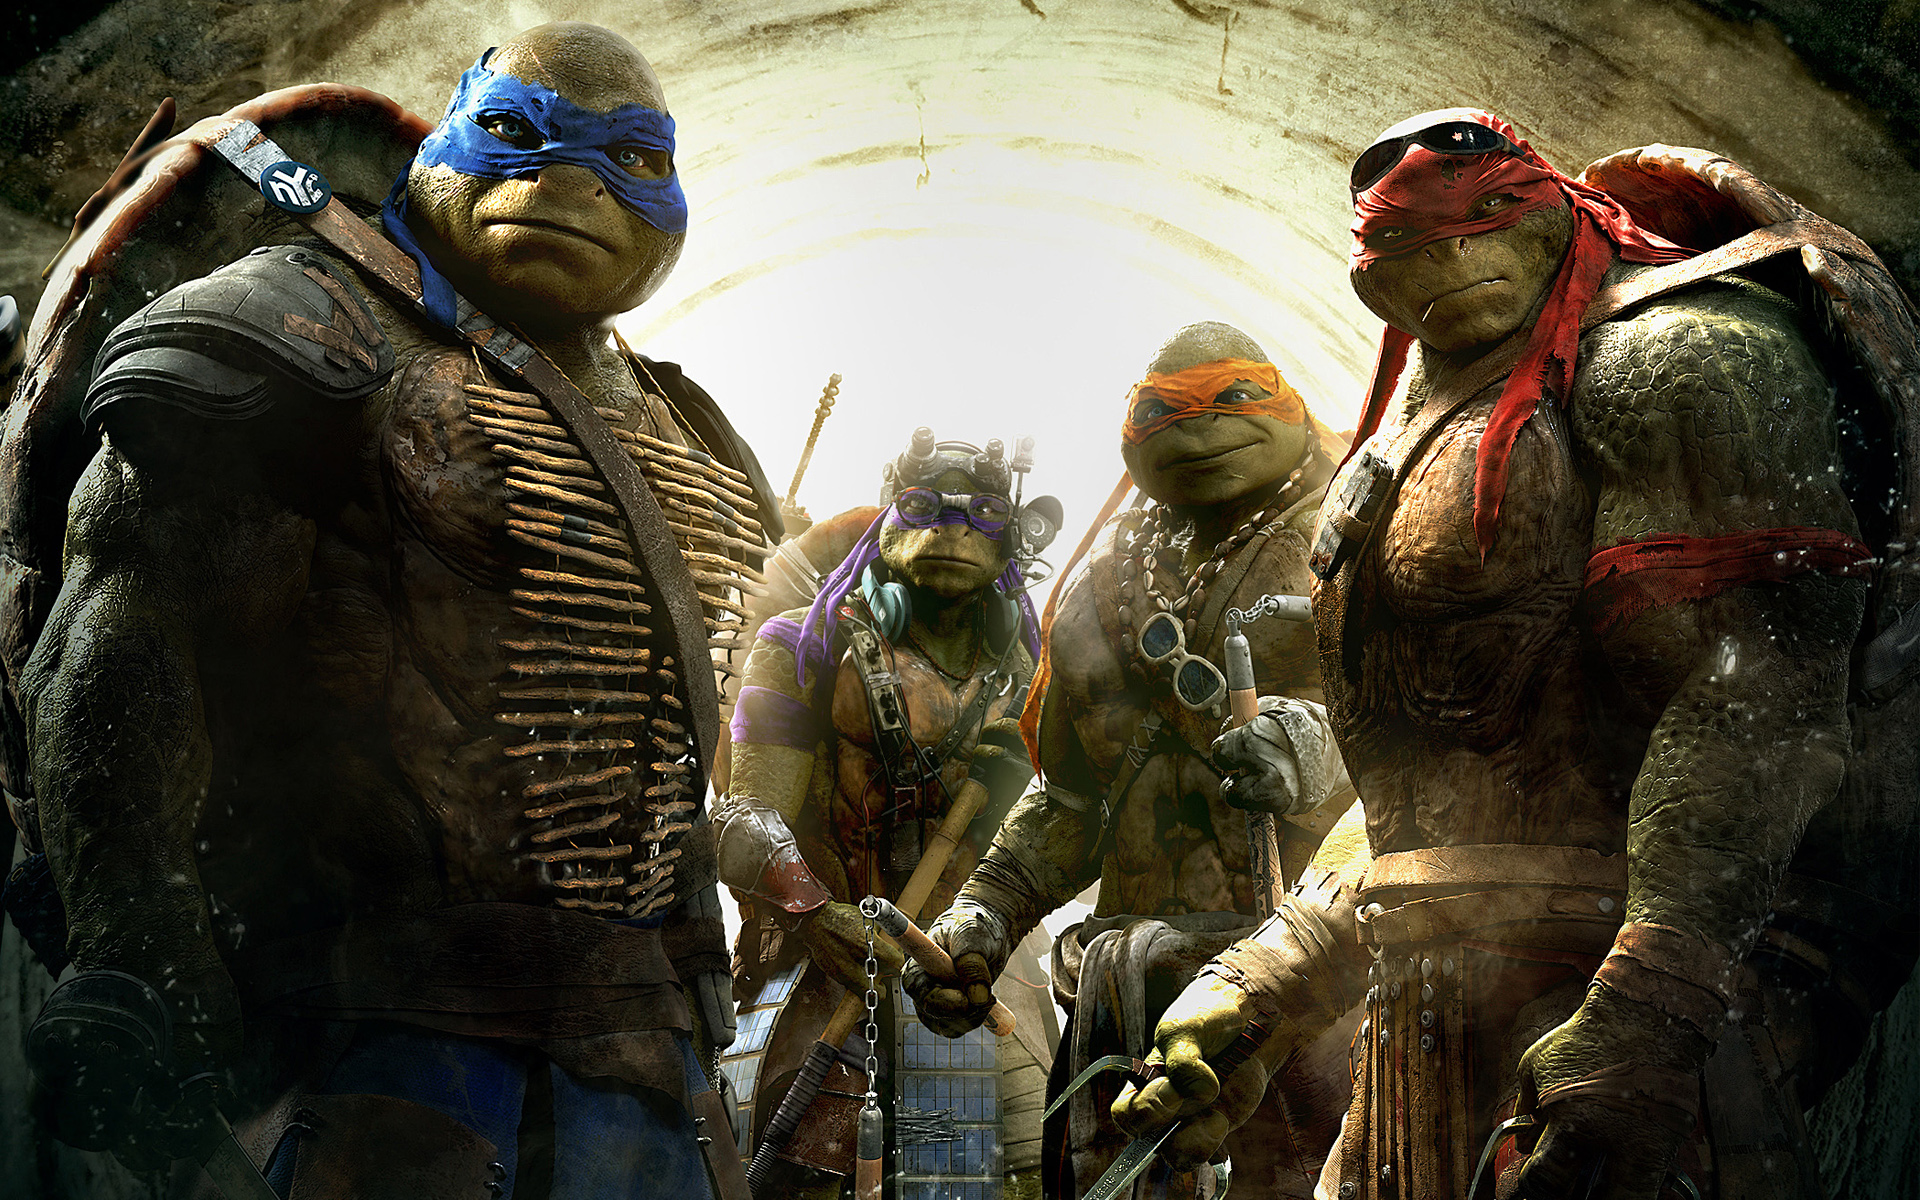 Mutant Ninja Turtles 2014